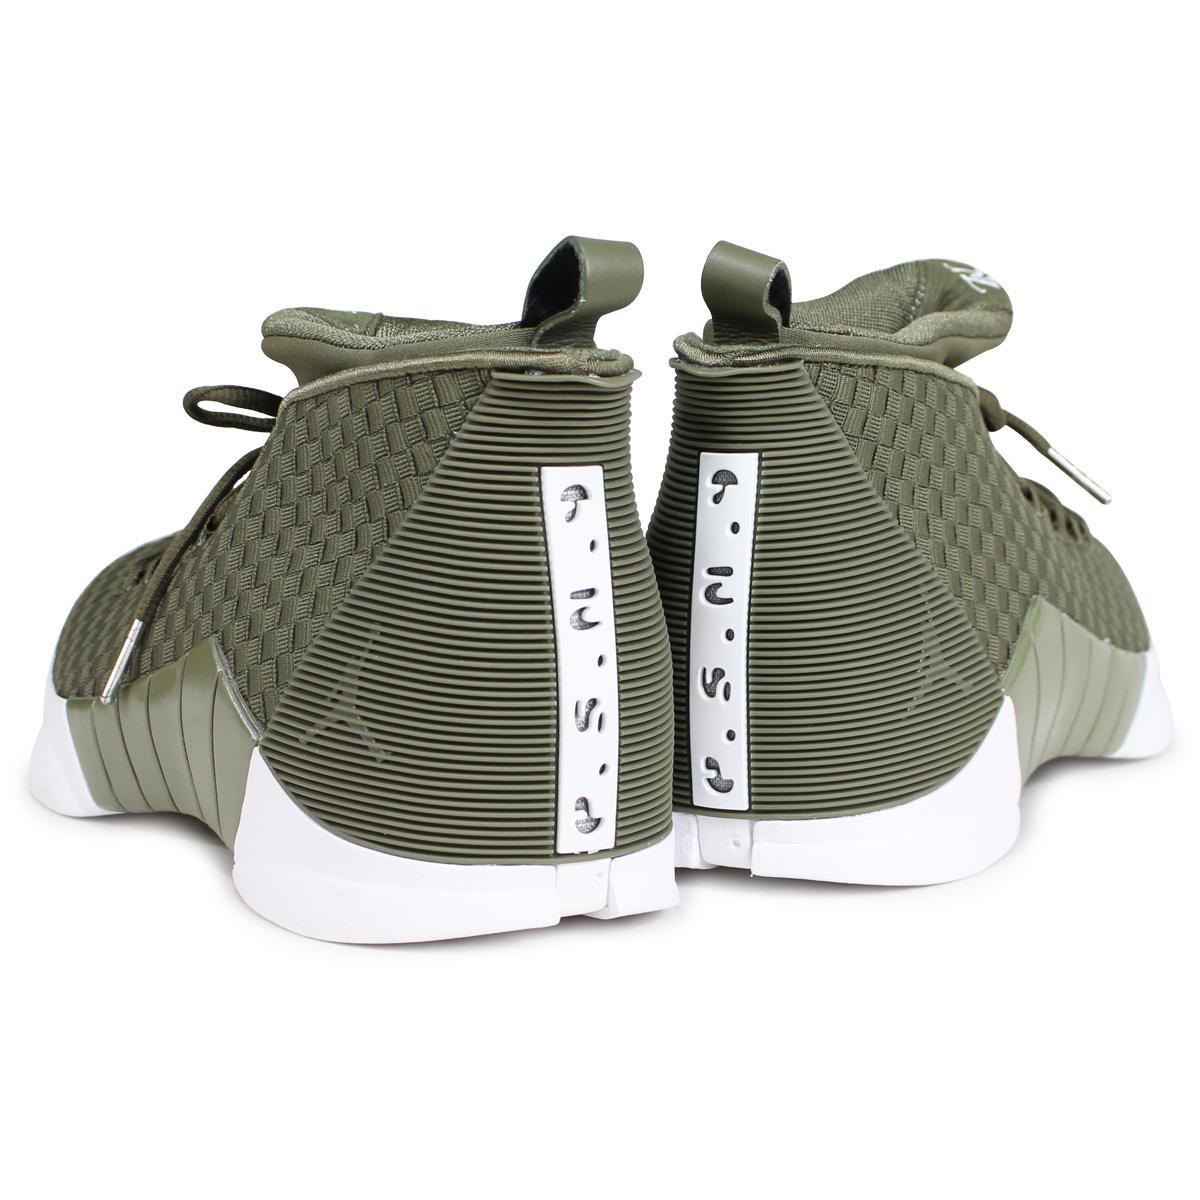 c30e07691e01 NIKE AIR JORDAN 15 RETRO WVN PSNY Nike Air Jordan 15 nostalgic sneakers men  AO2568-200 olive  187